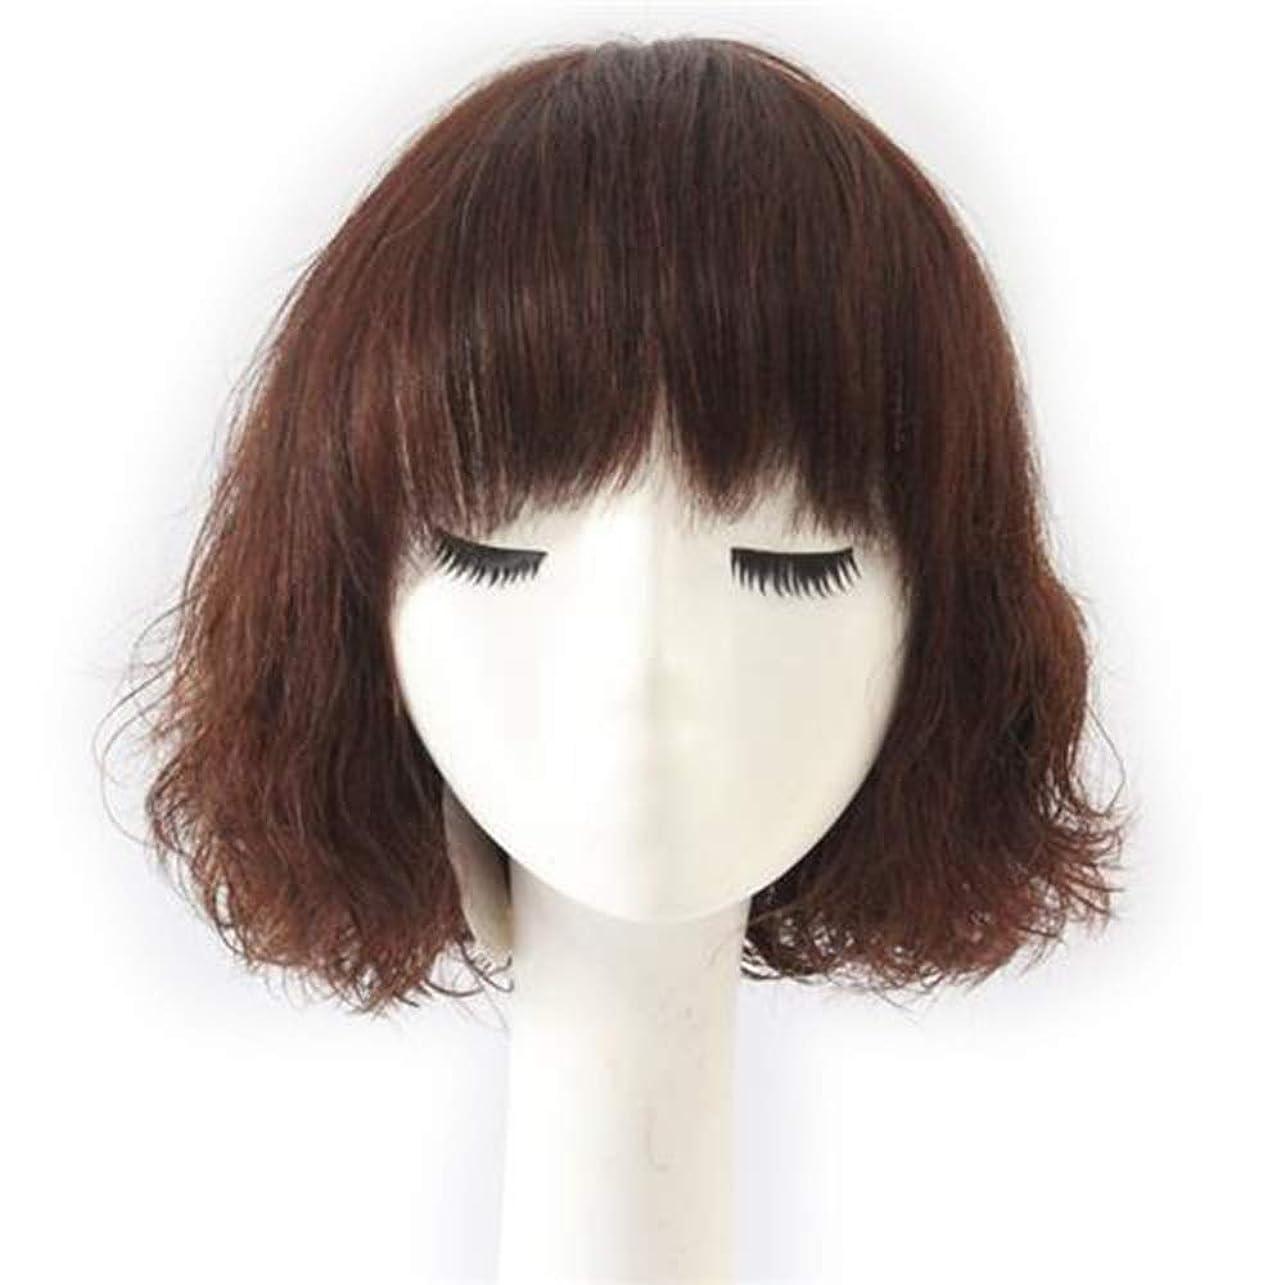 運河ピカリングマチュピチュBOBIDYEE 女性のファッションかつらのためのダークブラウンのリアルヘアウィッグショートカーリーペアヘッド (色 : Natural color)